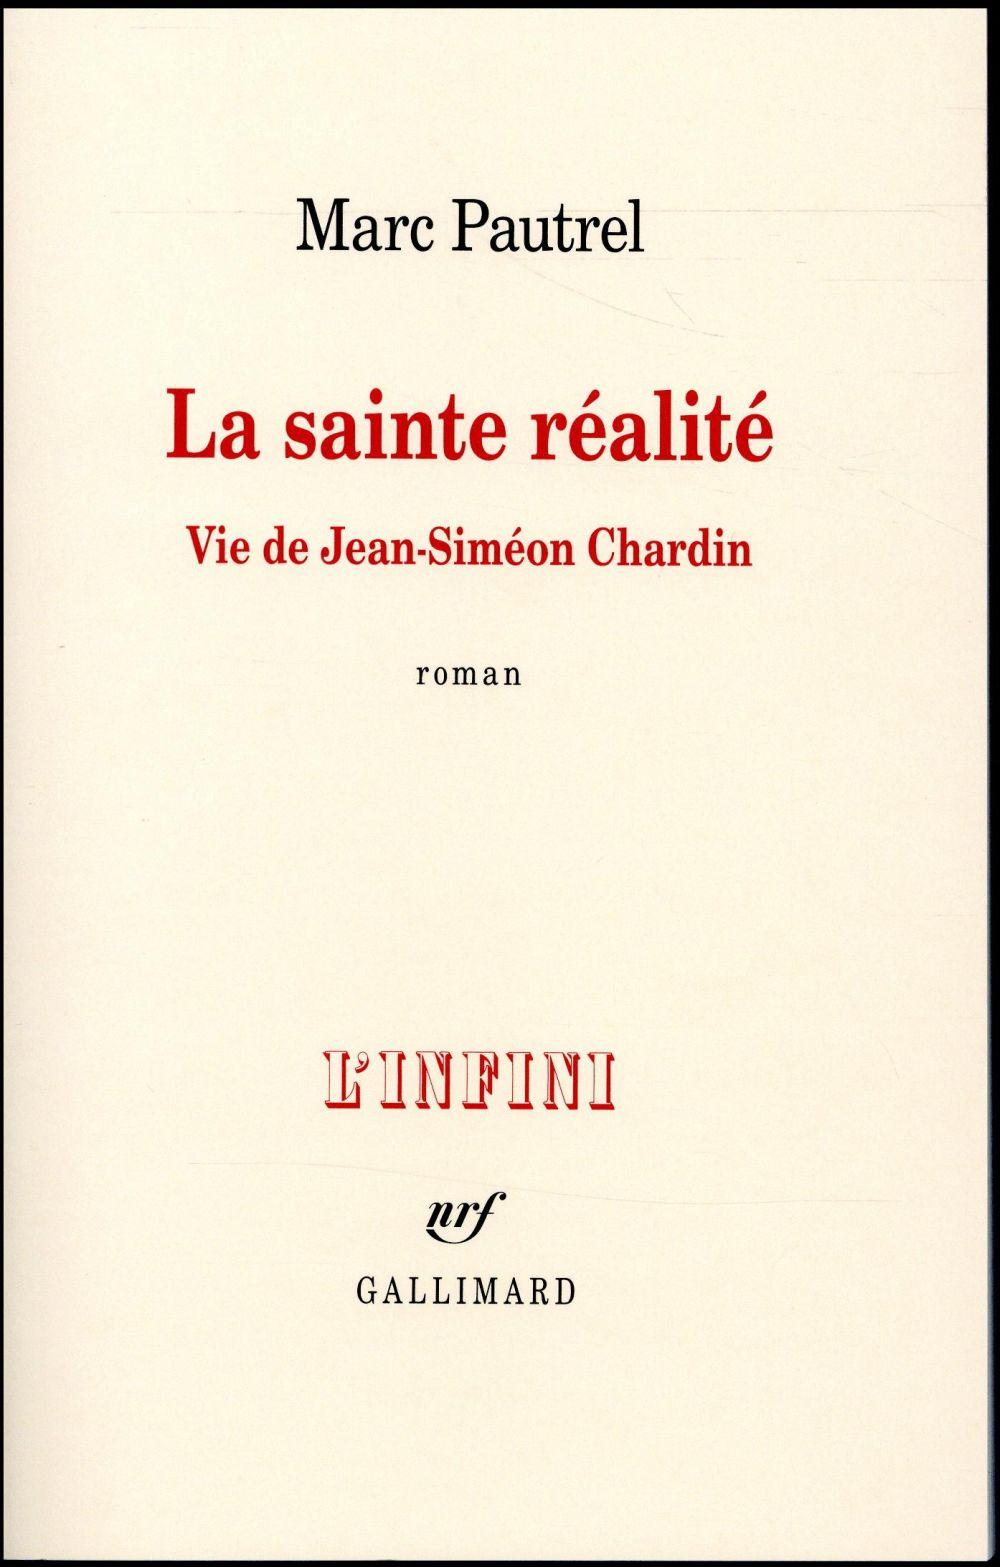 LA SAINTE REALITE - VIE DE JEAN-SIMEON CHARDIN